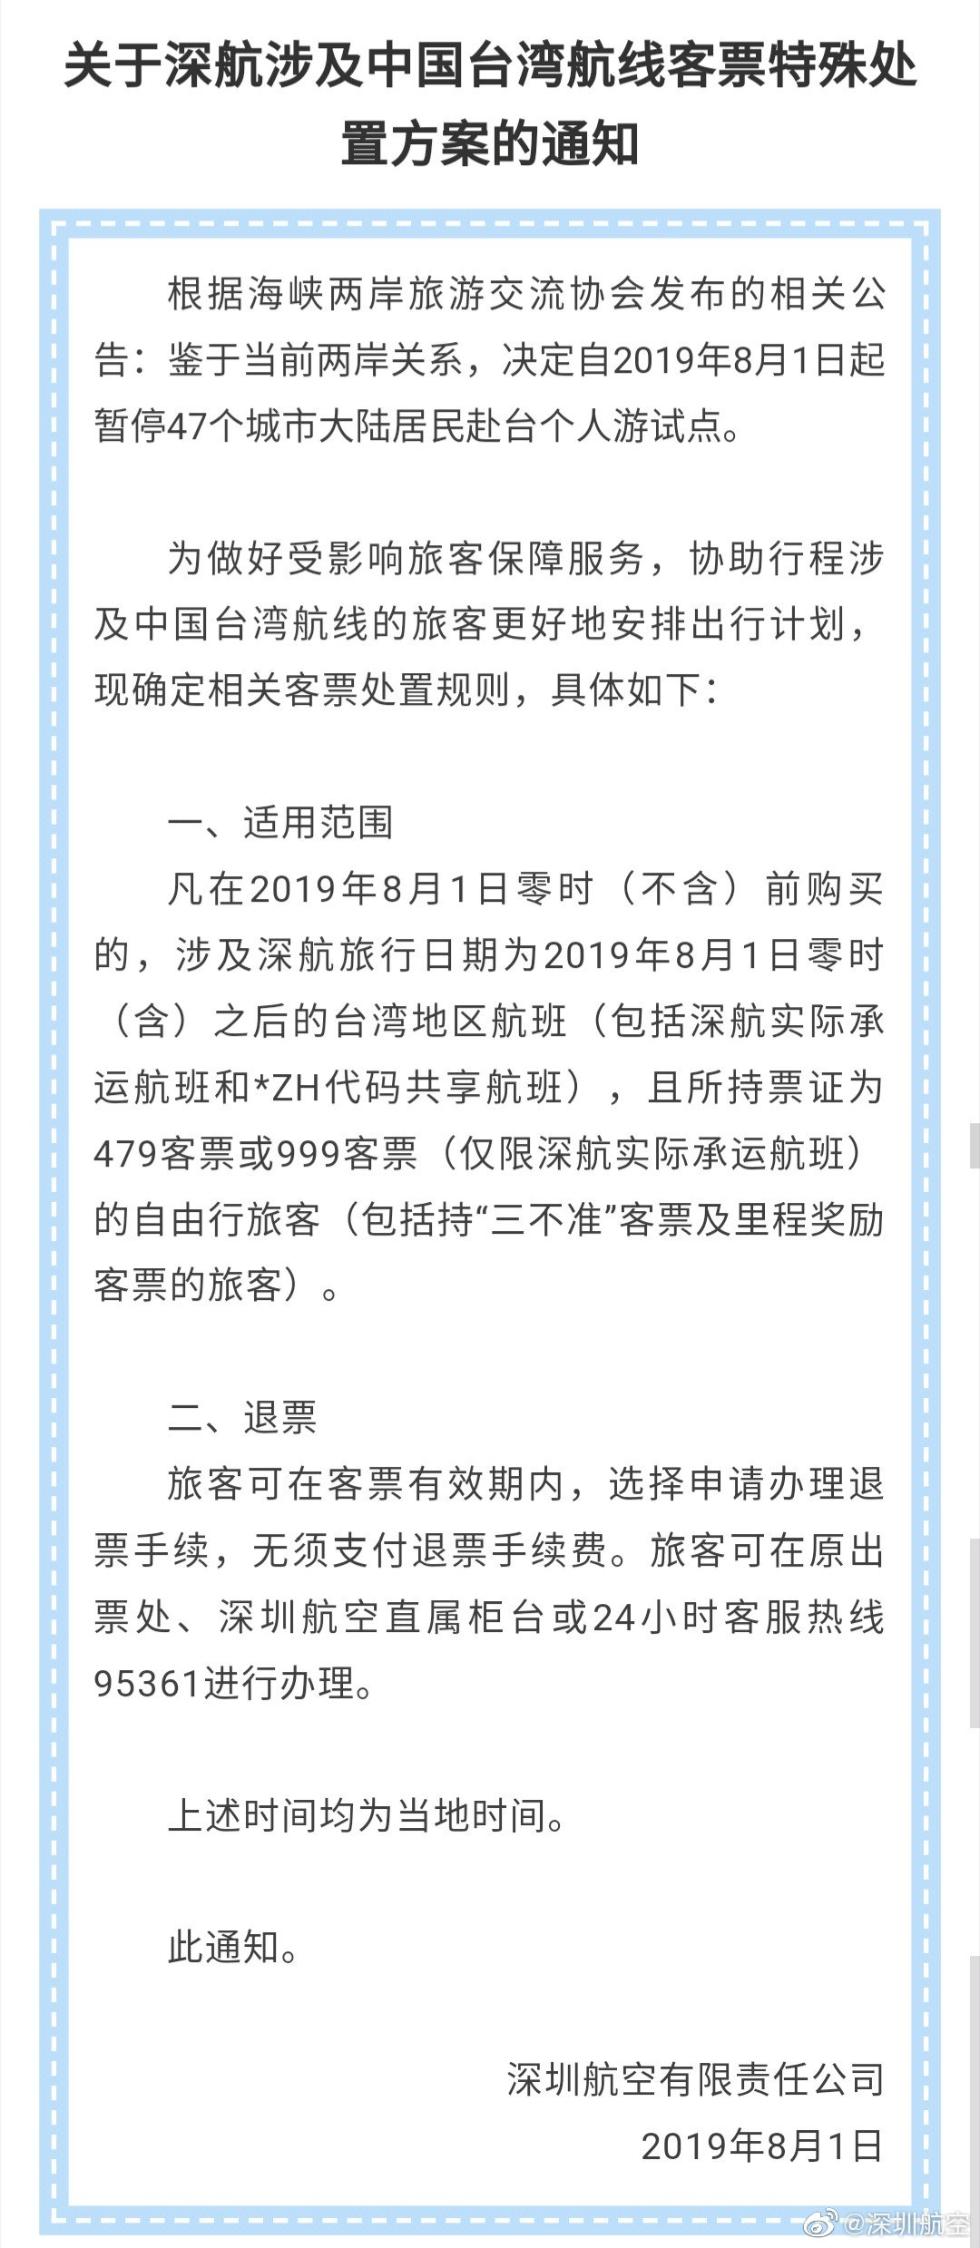 逻辑其实很好玩四川电台按摩店重大事件深圳航空:台湾航线已购票自在行旅客可免费退票